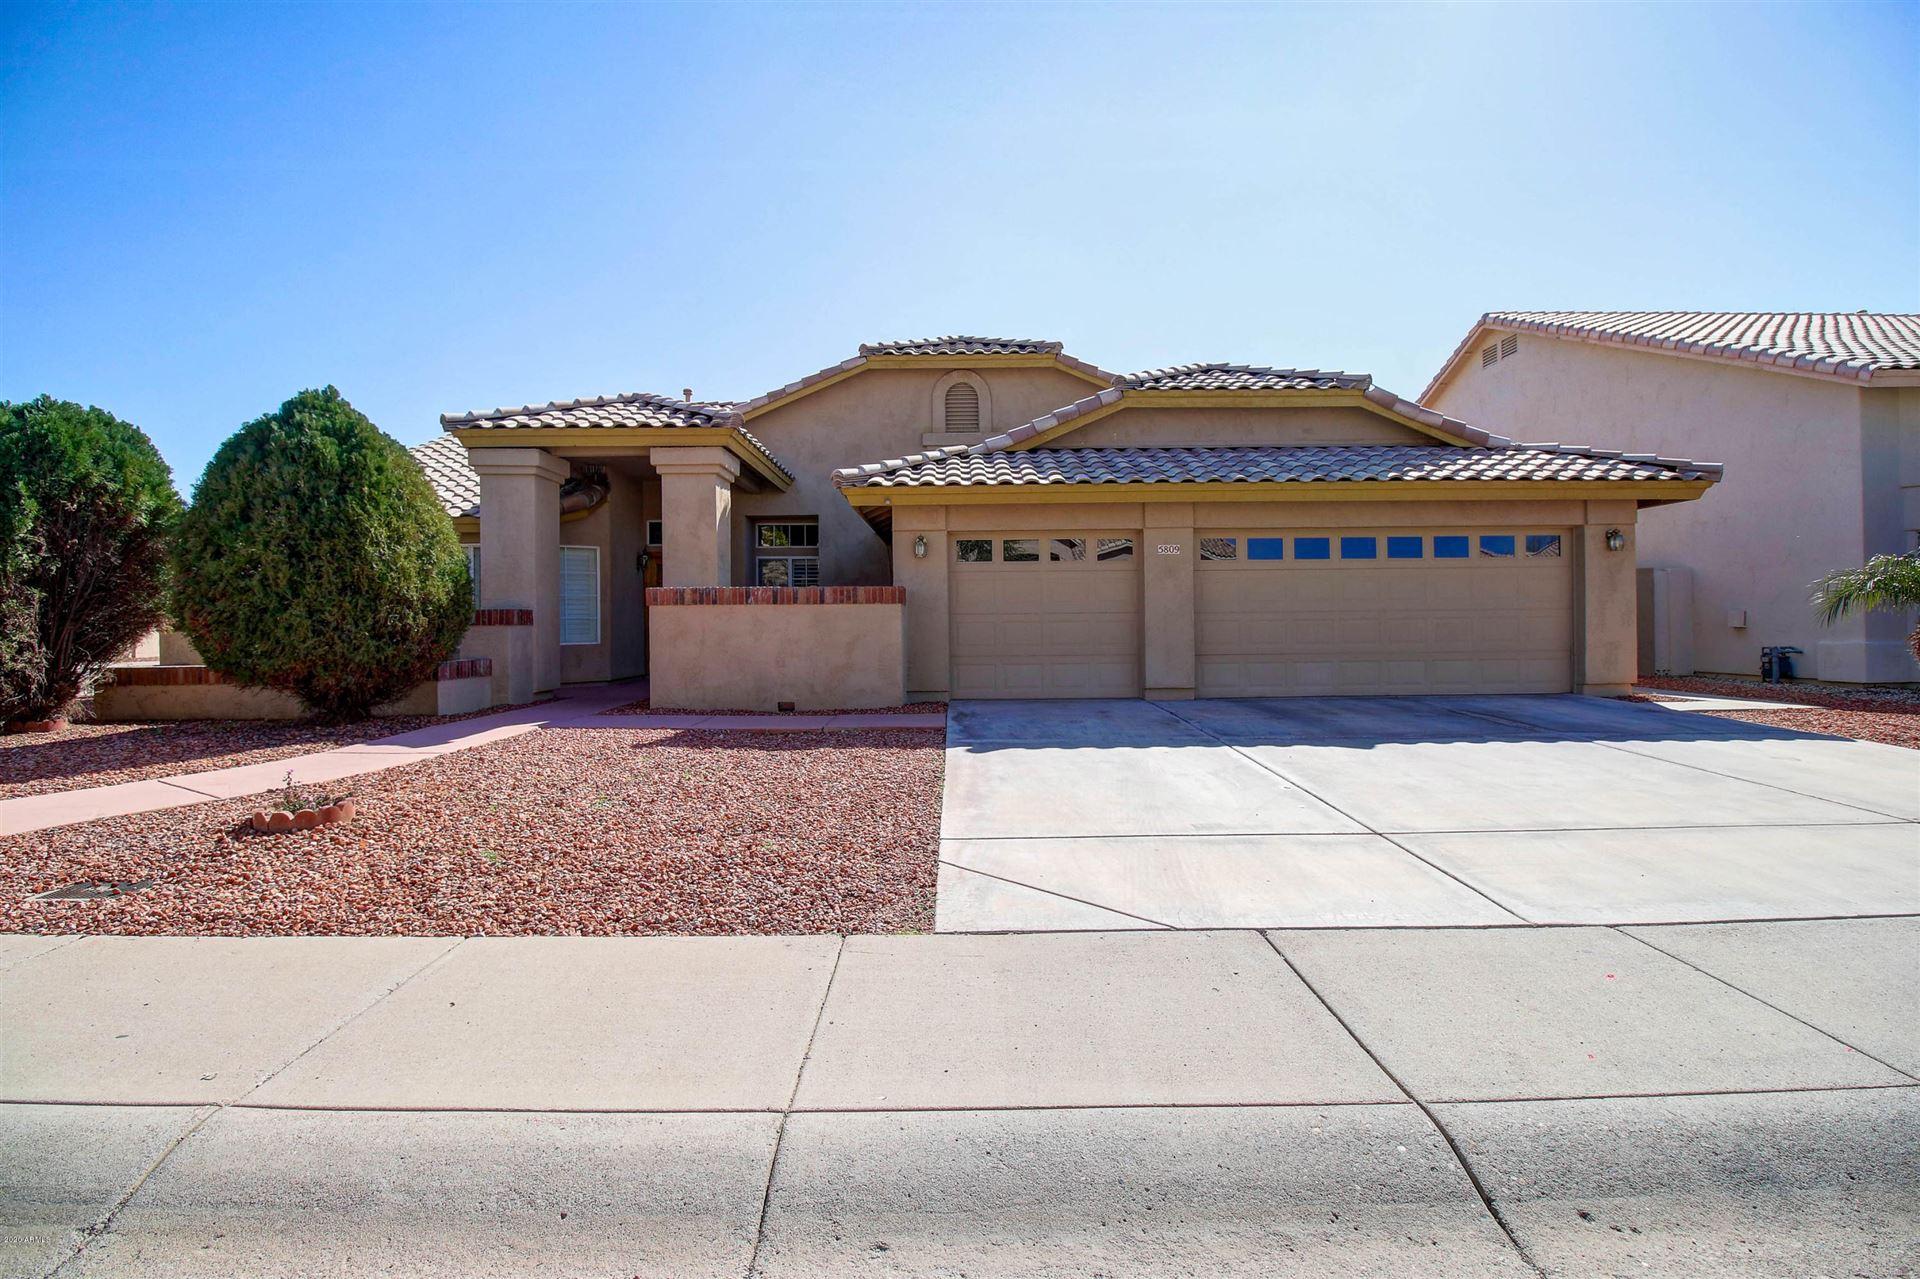 5809 W Mariposa Grande Lane, Glendale, AZ 85310 - MLS#: 6039418